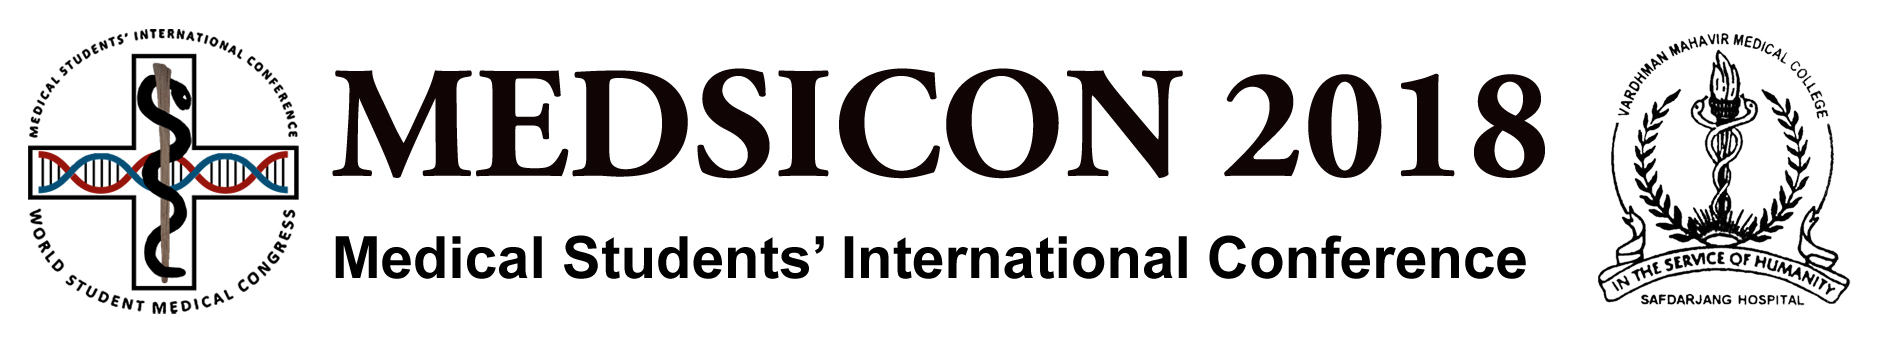 MEDSICON 2018